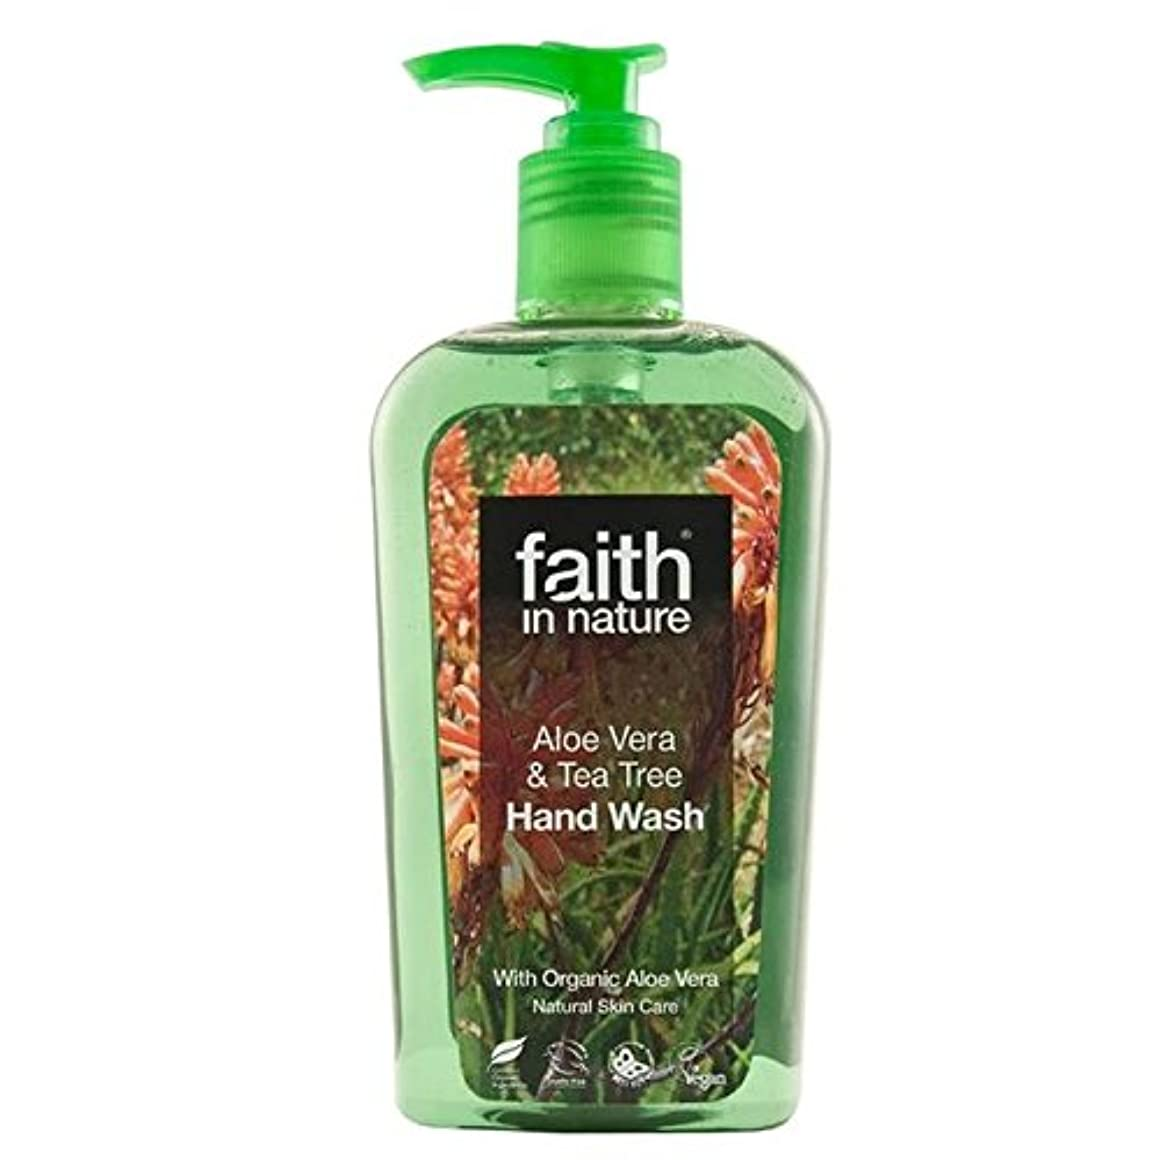 申し立て大宇宙嫌がるFaith in Nature Aloe Vera & Tea Tree Handwash 300ml - (Faith In Nature) 自然のアロエベラ&ティーツリー手洗いの300ミリリットルの信仰 [並行輸入品]